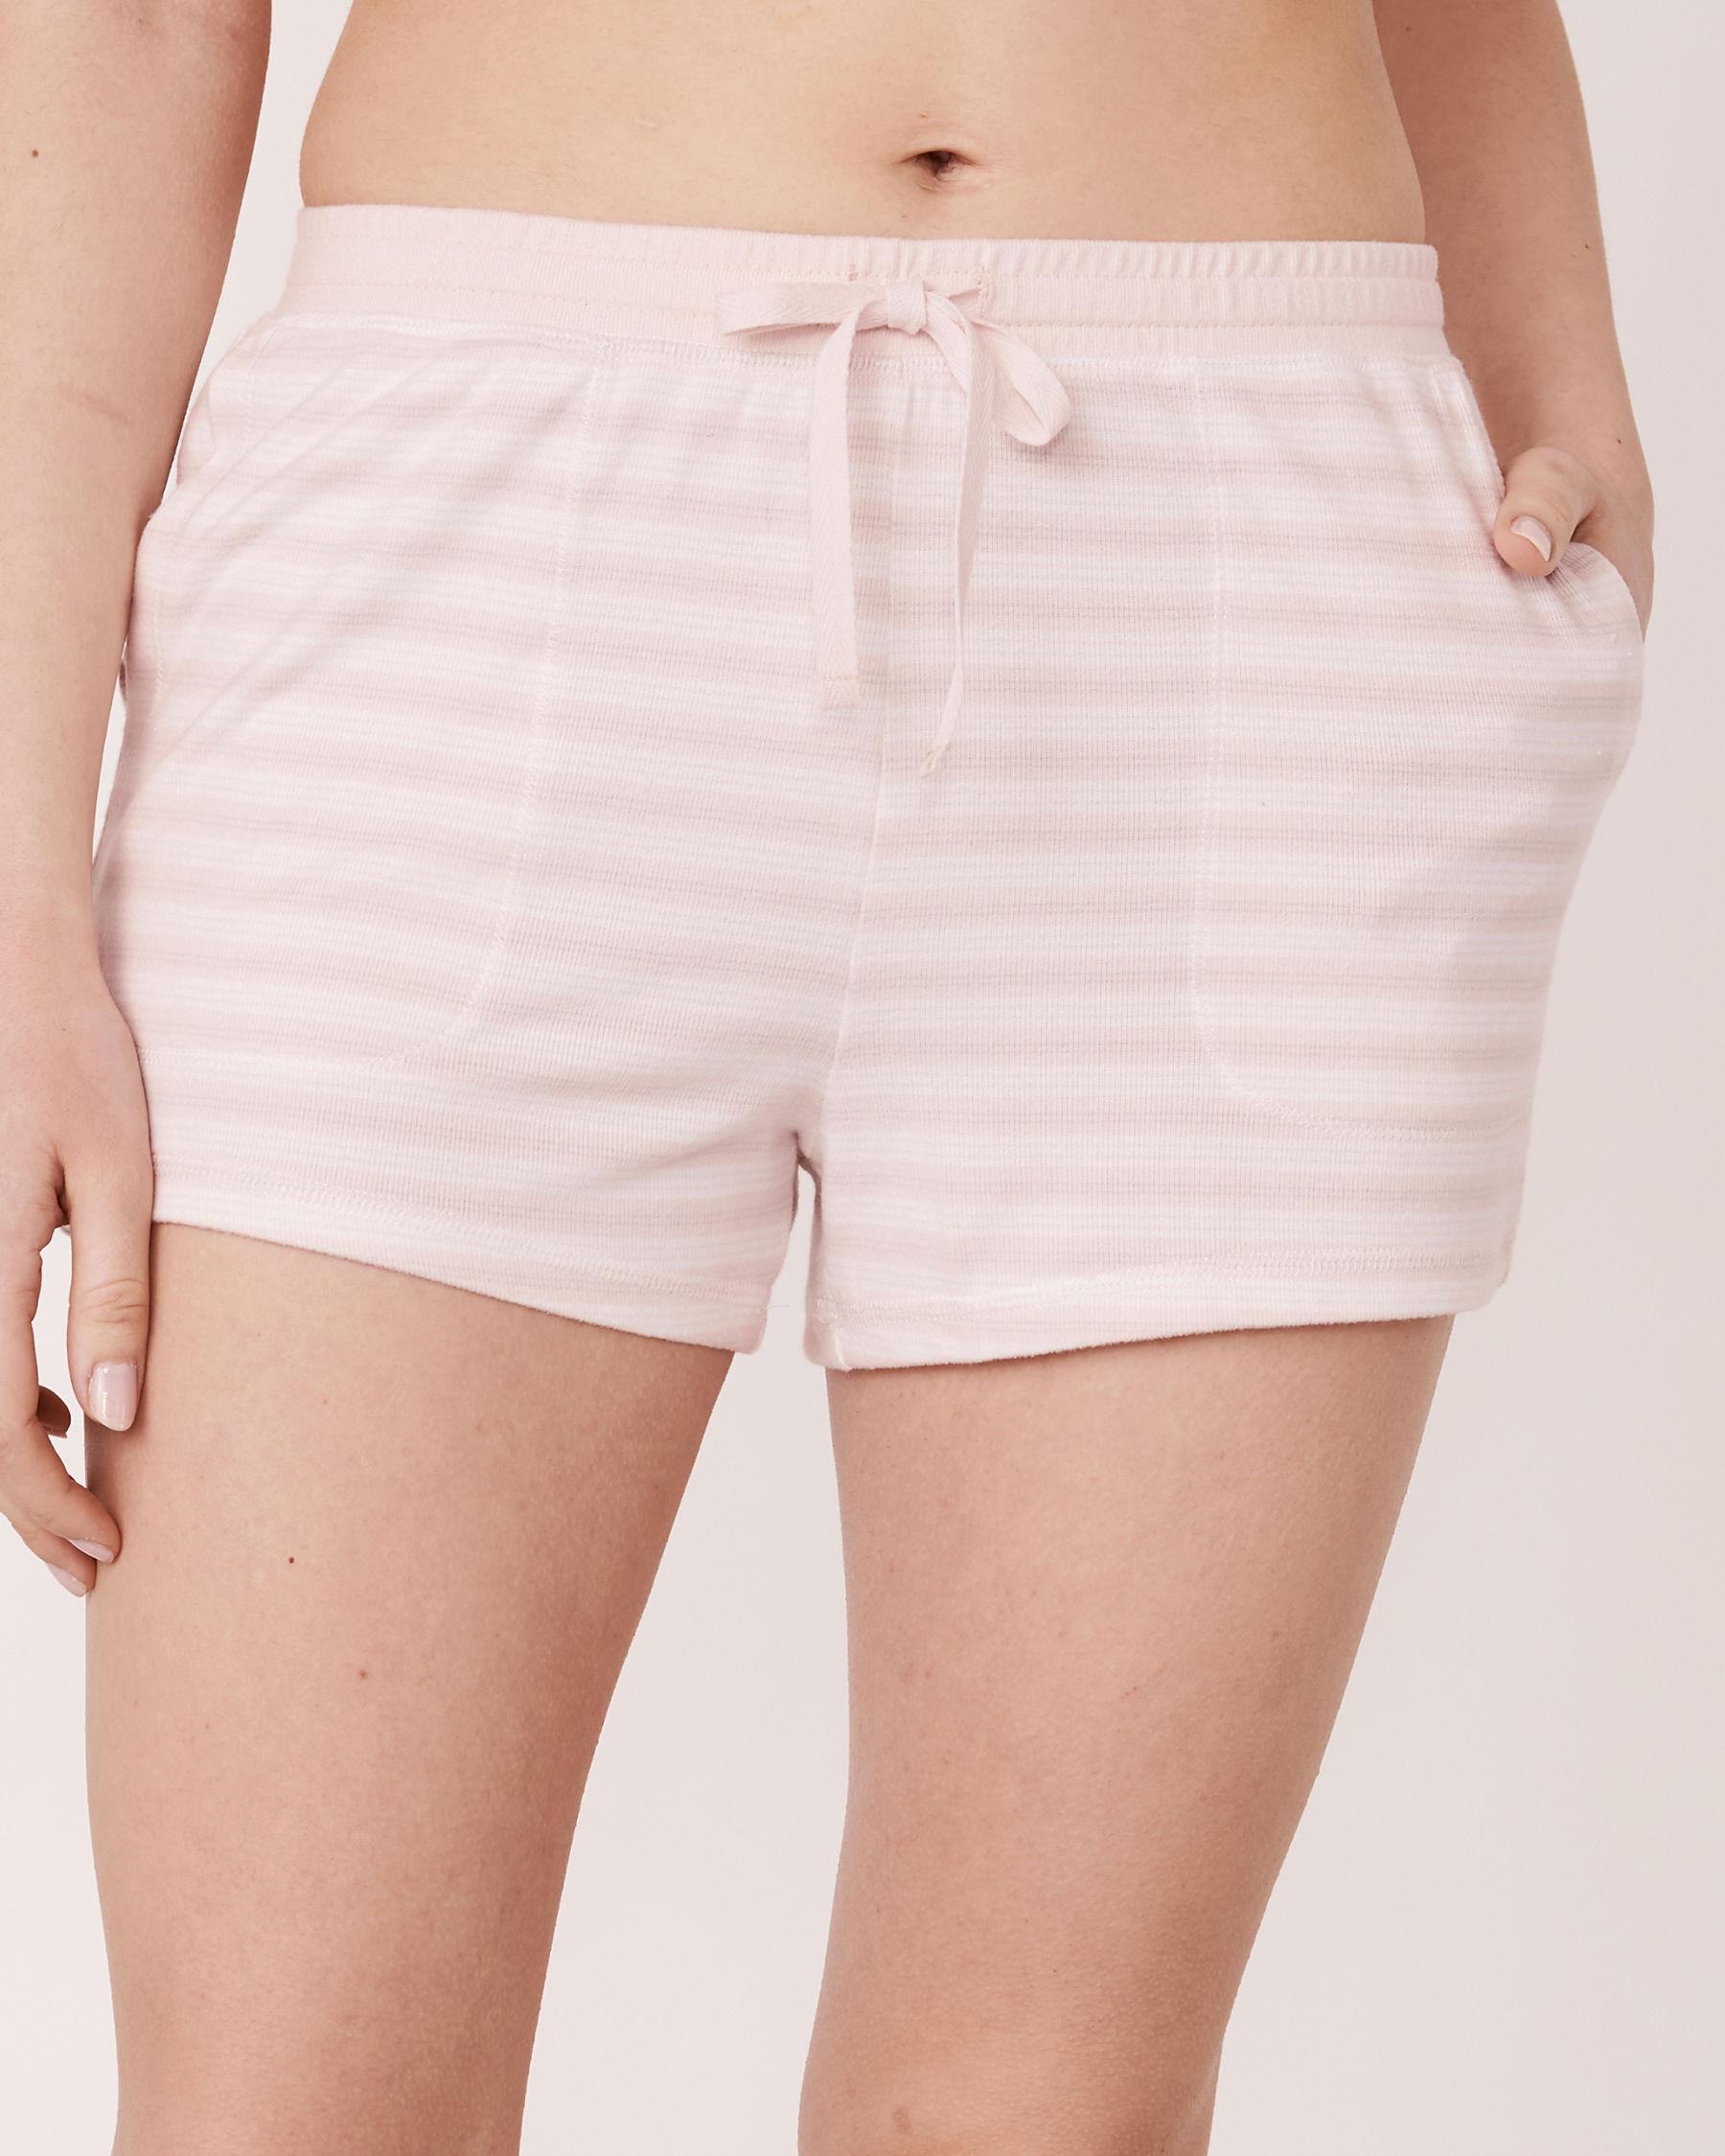 LA VIE EN ROSE Short de pyjama en fibres recyclées Rayures 40200127 - Voir1